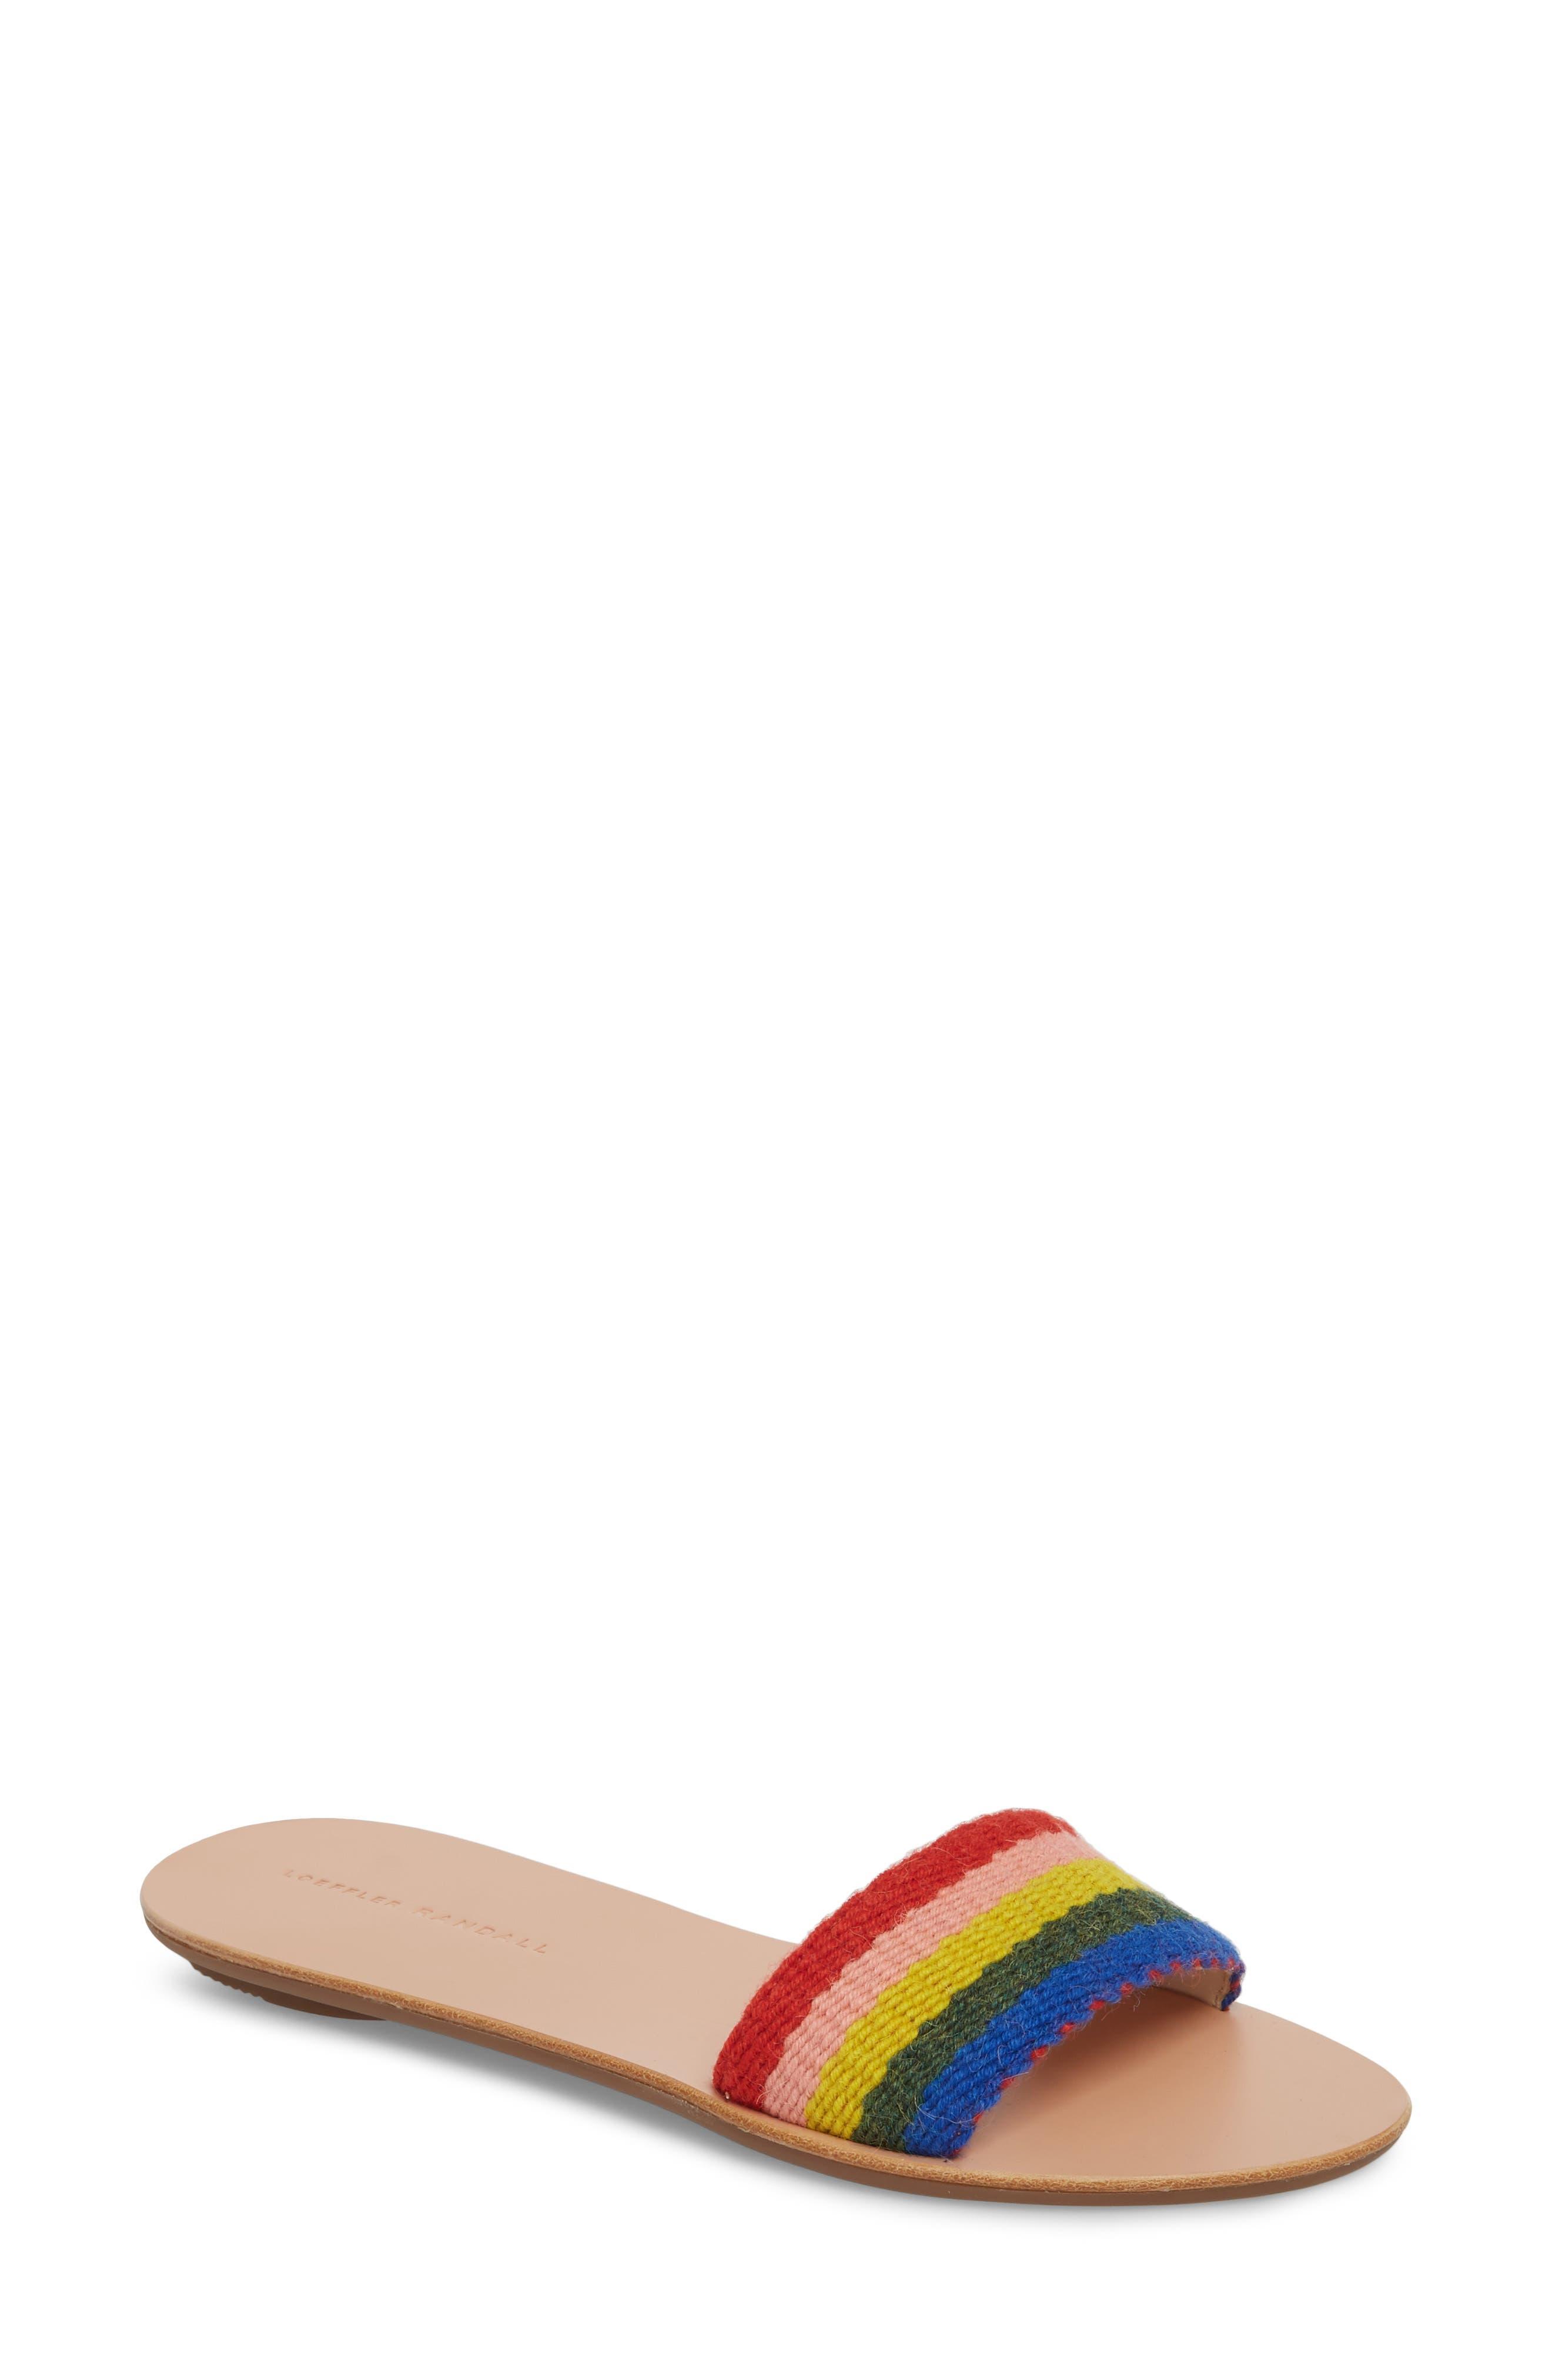 Stella Woven Slide Sandal,                             Main thumbnail 1, color,                             028